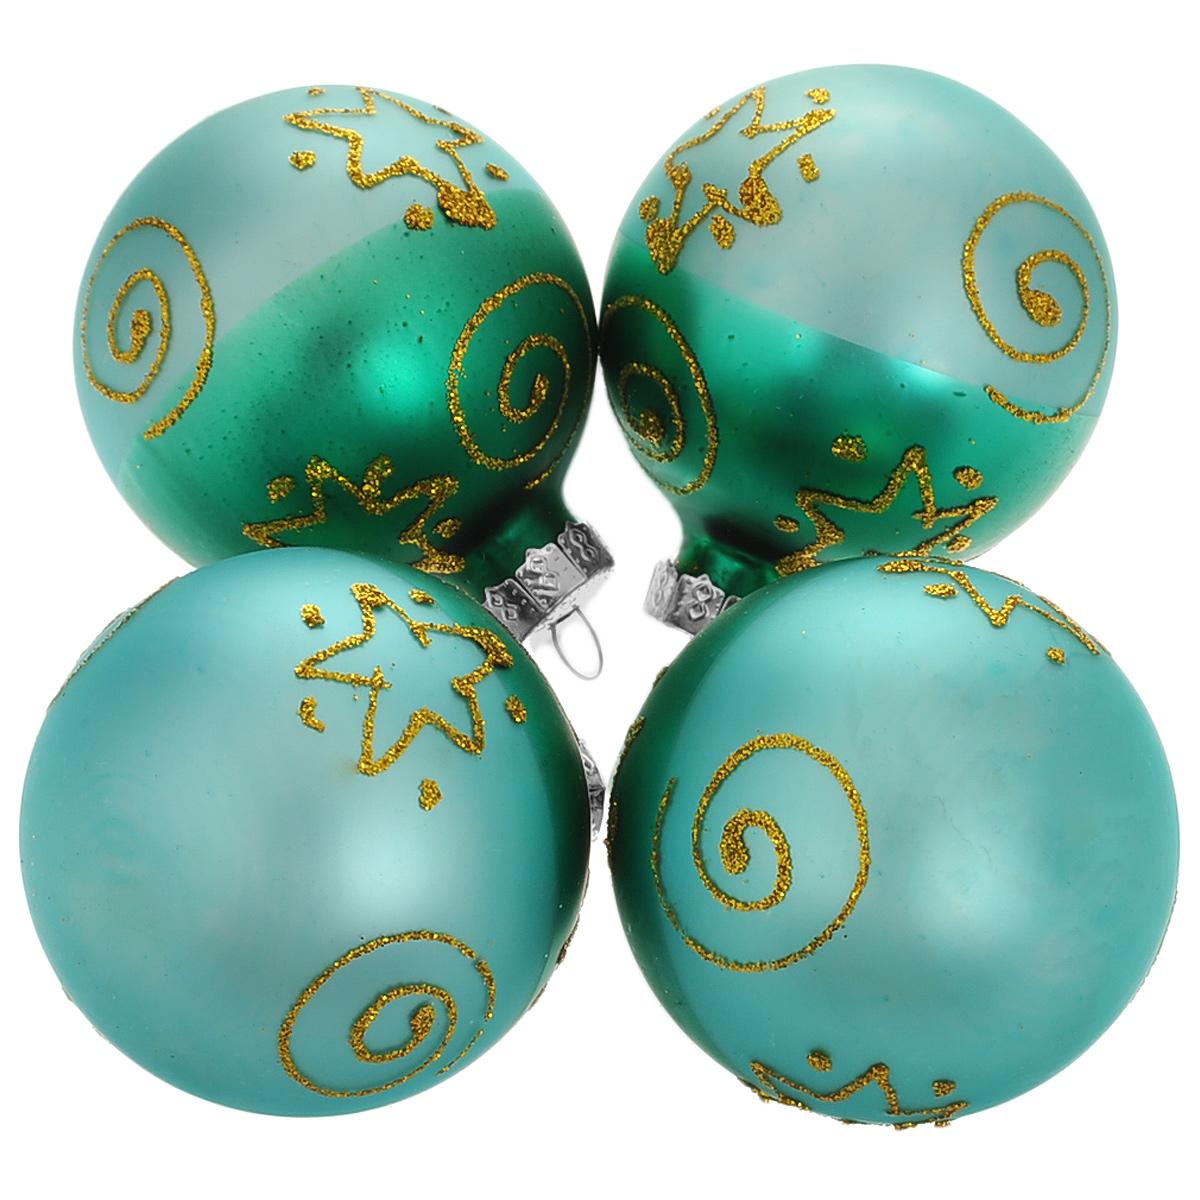 Набор новогодних подвесных украшений Шар, цвет: зеленый, золотистый, диаметр 6 см, 4 шт. 3450234502Набор новогодних подвесных украшений Шар прекрасно подойдет для праздничного декора новогодней ели. Состоит из четырех шаров.Елочная игрушка - символ Нового года. Она несет в себе волшебство и красоту праздника. Создайте в своем доме атмосферу веселья и радости, украшая новогоднюю елку нарядными игрушками, которые будут из года в год накапливать теплоту воспоминаний. Коллекция декоративных украшений принесет в ваш дом ни с чем несравнимое ощущение волшебства! Откройте для себя удивительный мир сказок и грез. Почувствуйте волшебные минуты ожидания праздника, создайте новогоднее настроение вашим дорогим и близким.